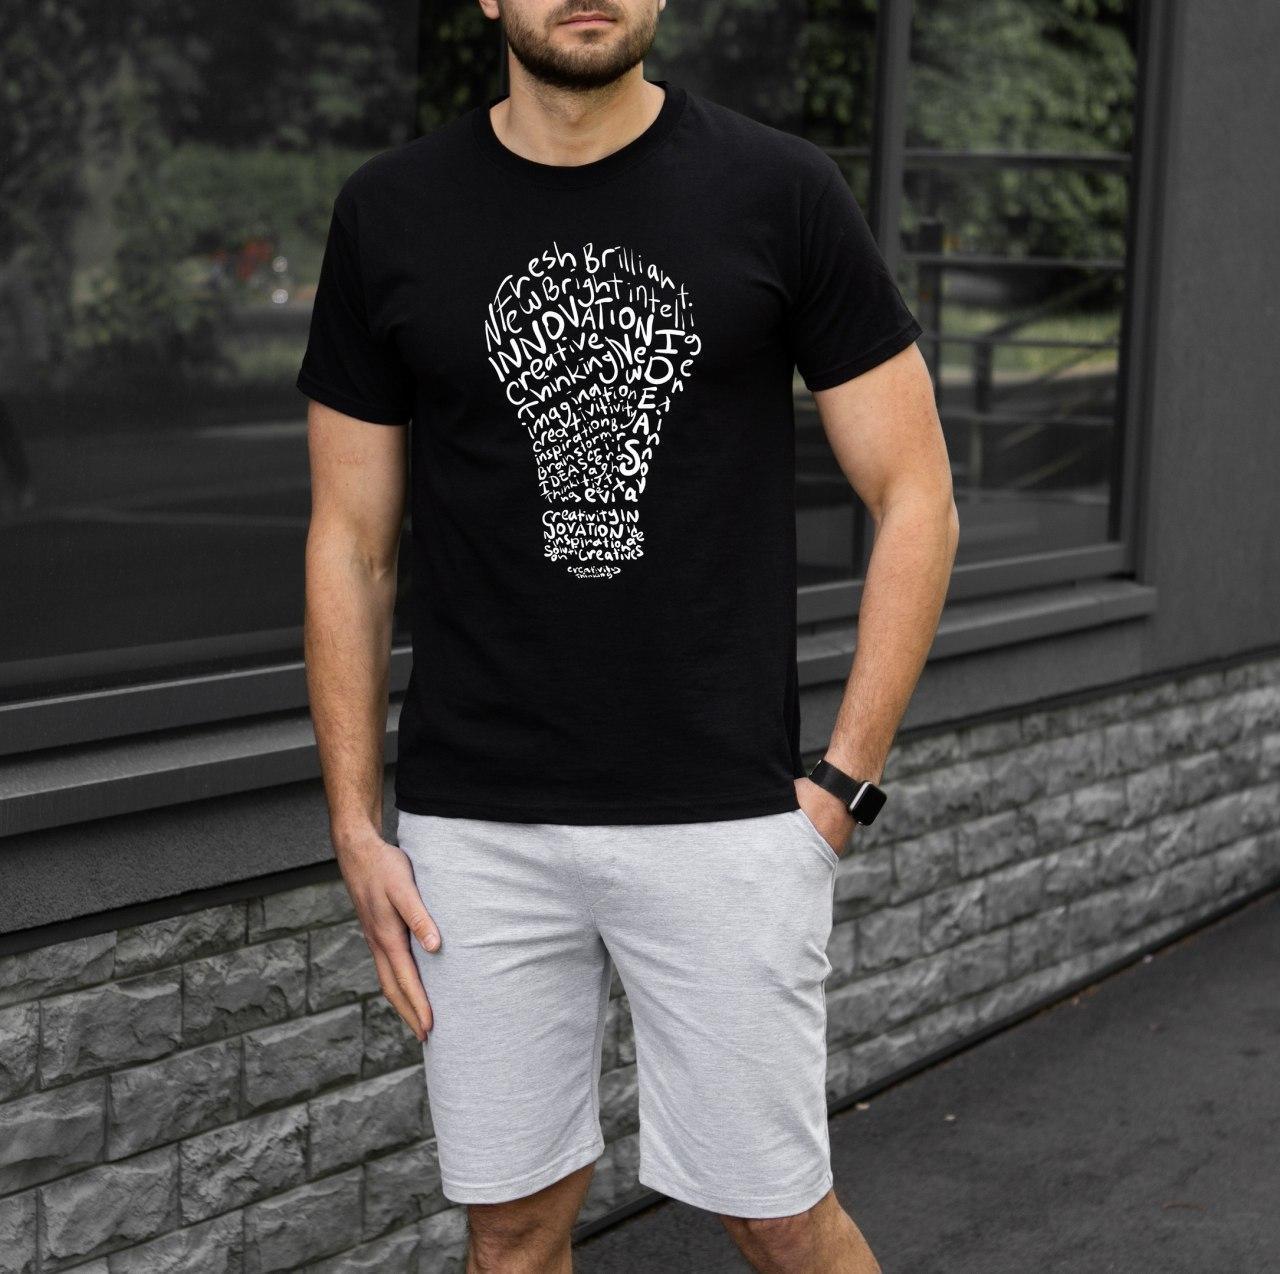 Мужской комплект футболка + шорты creative черно-серый